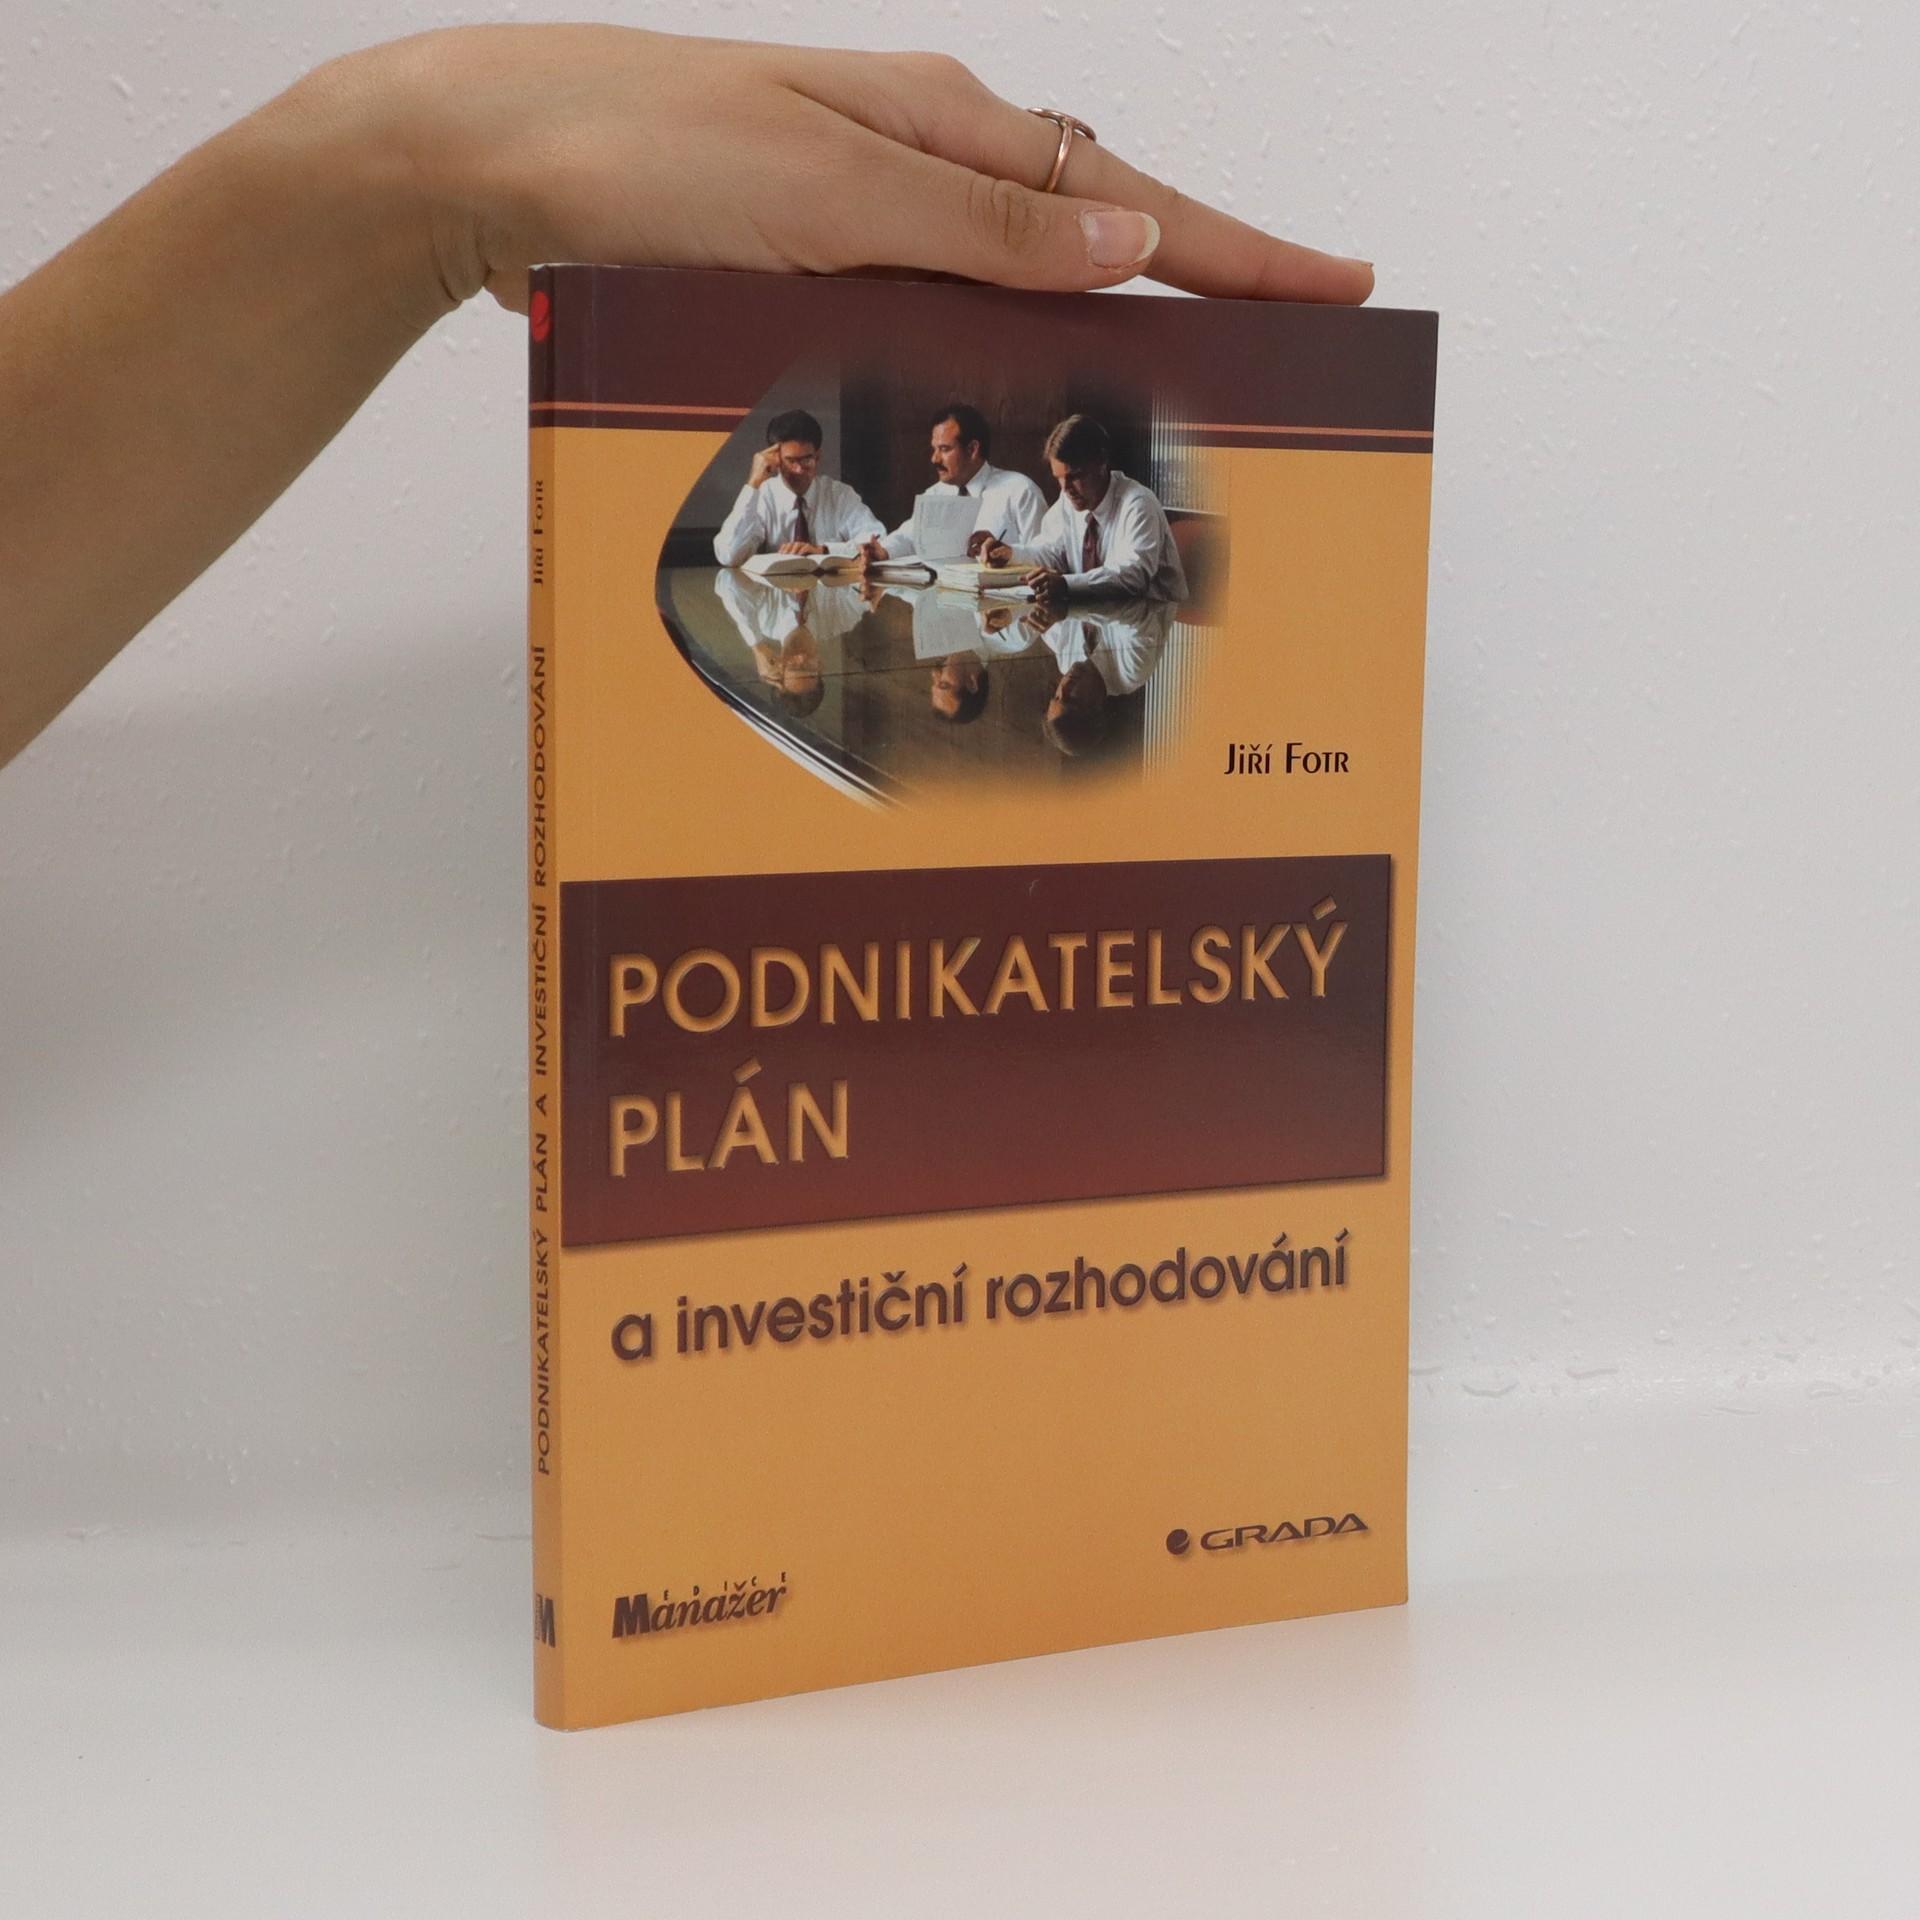 antikvární kniha Podnikatelský plán a investiční rozhodování, 1999